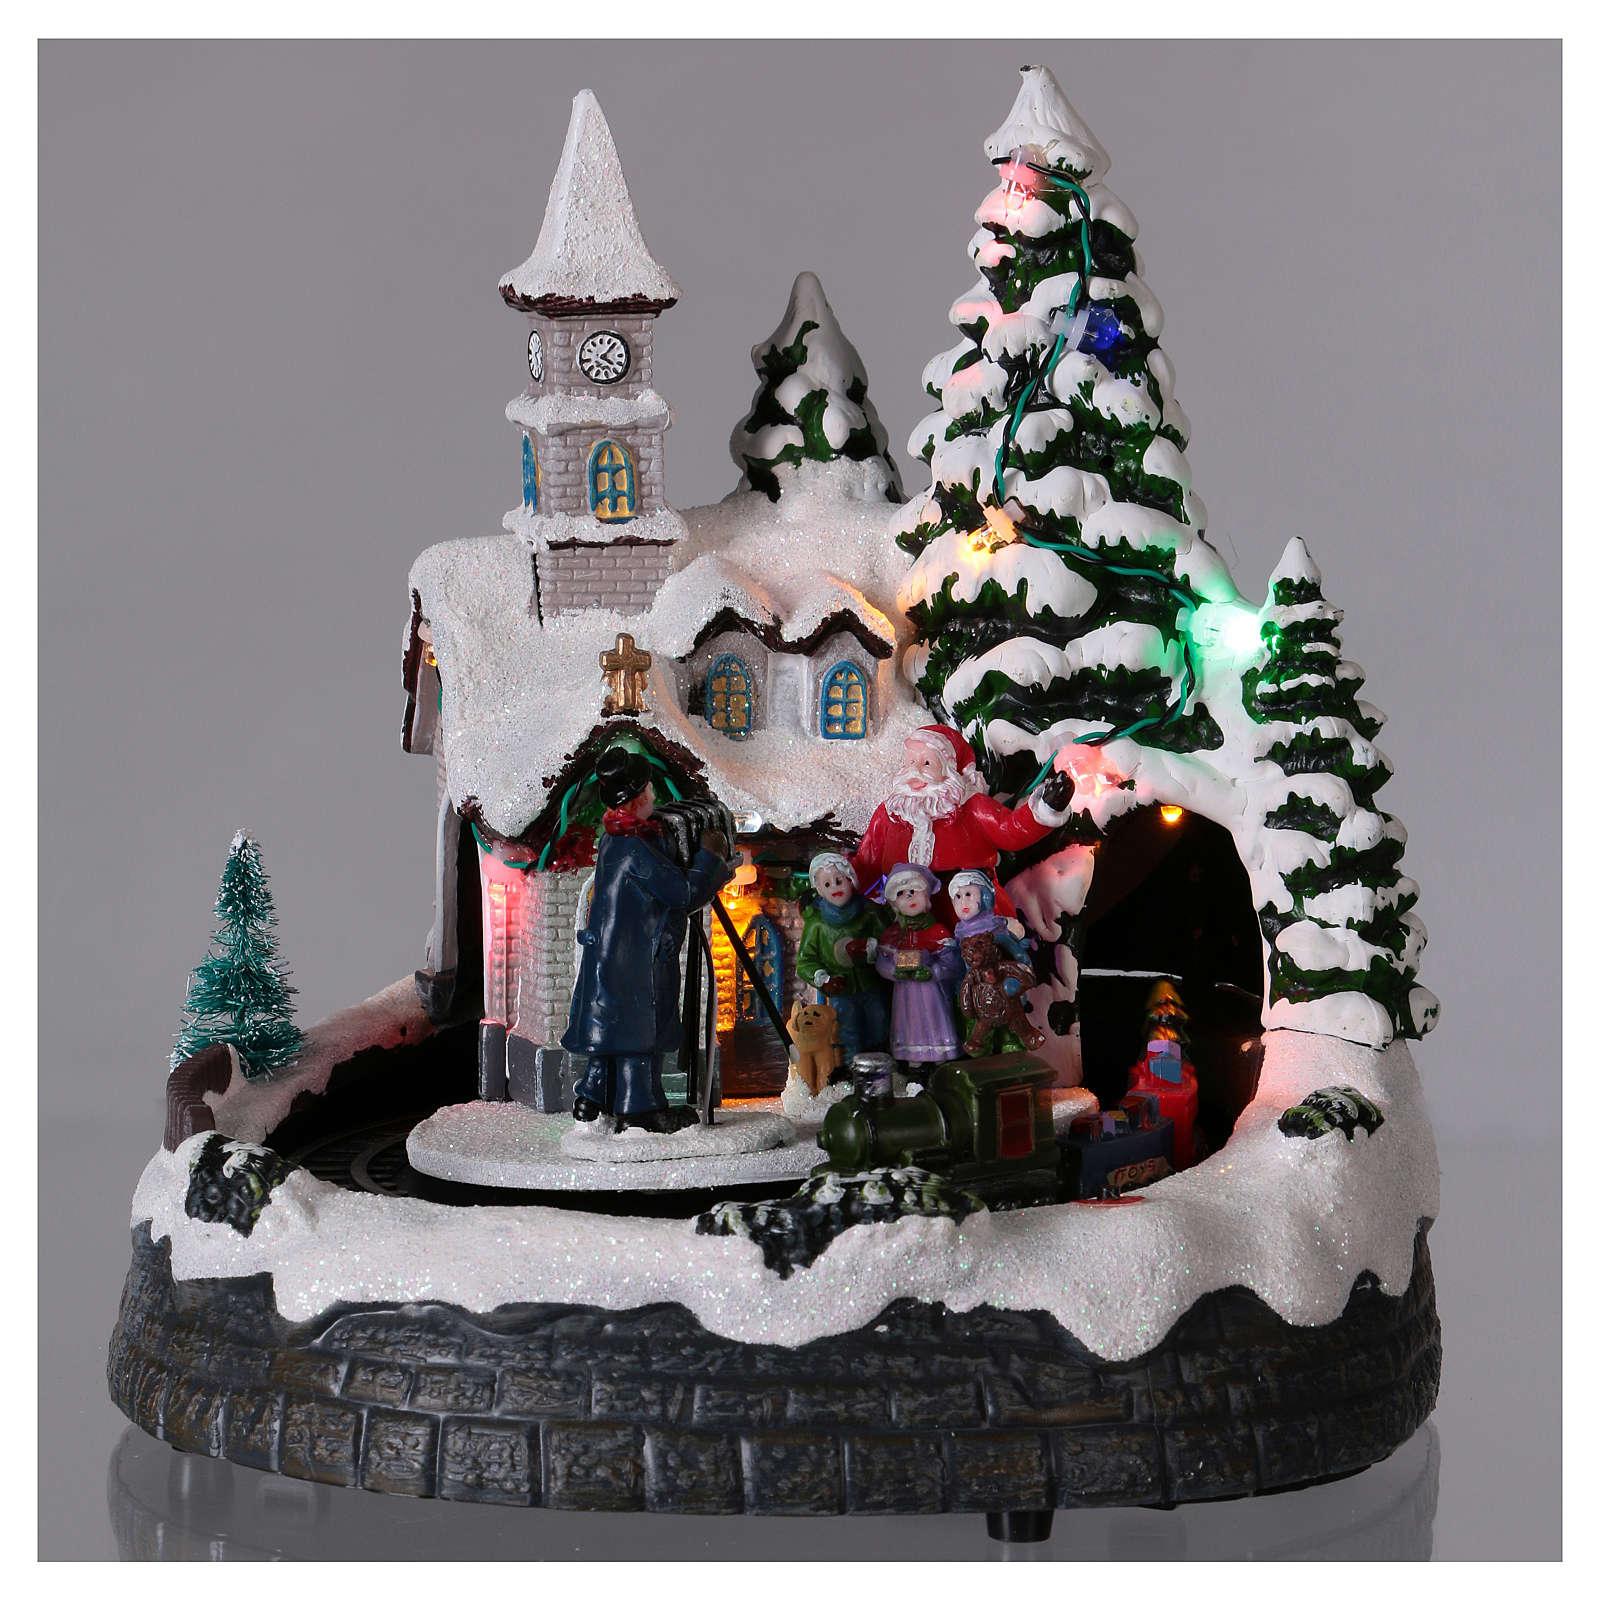 Villaggio natalizio treno luci movimento e musica fotografo 20x20x15 cm 3